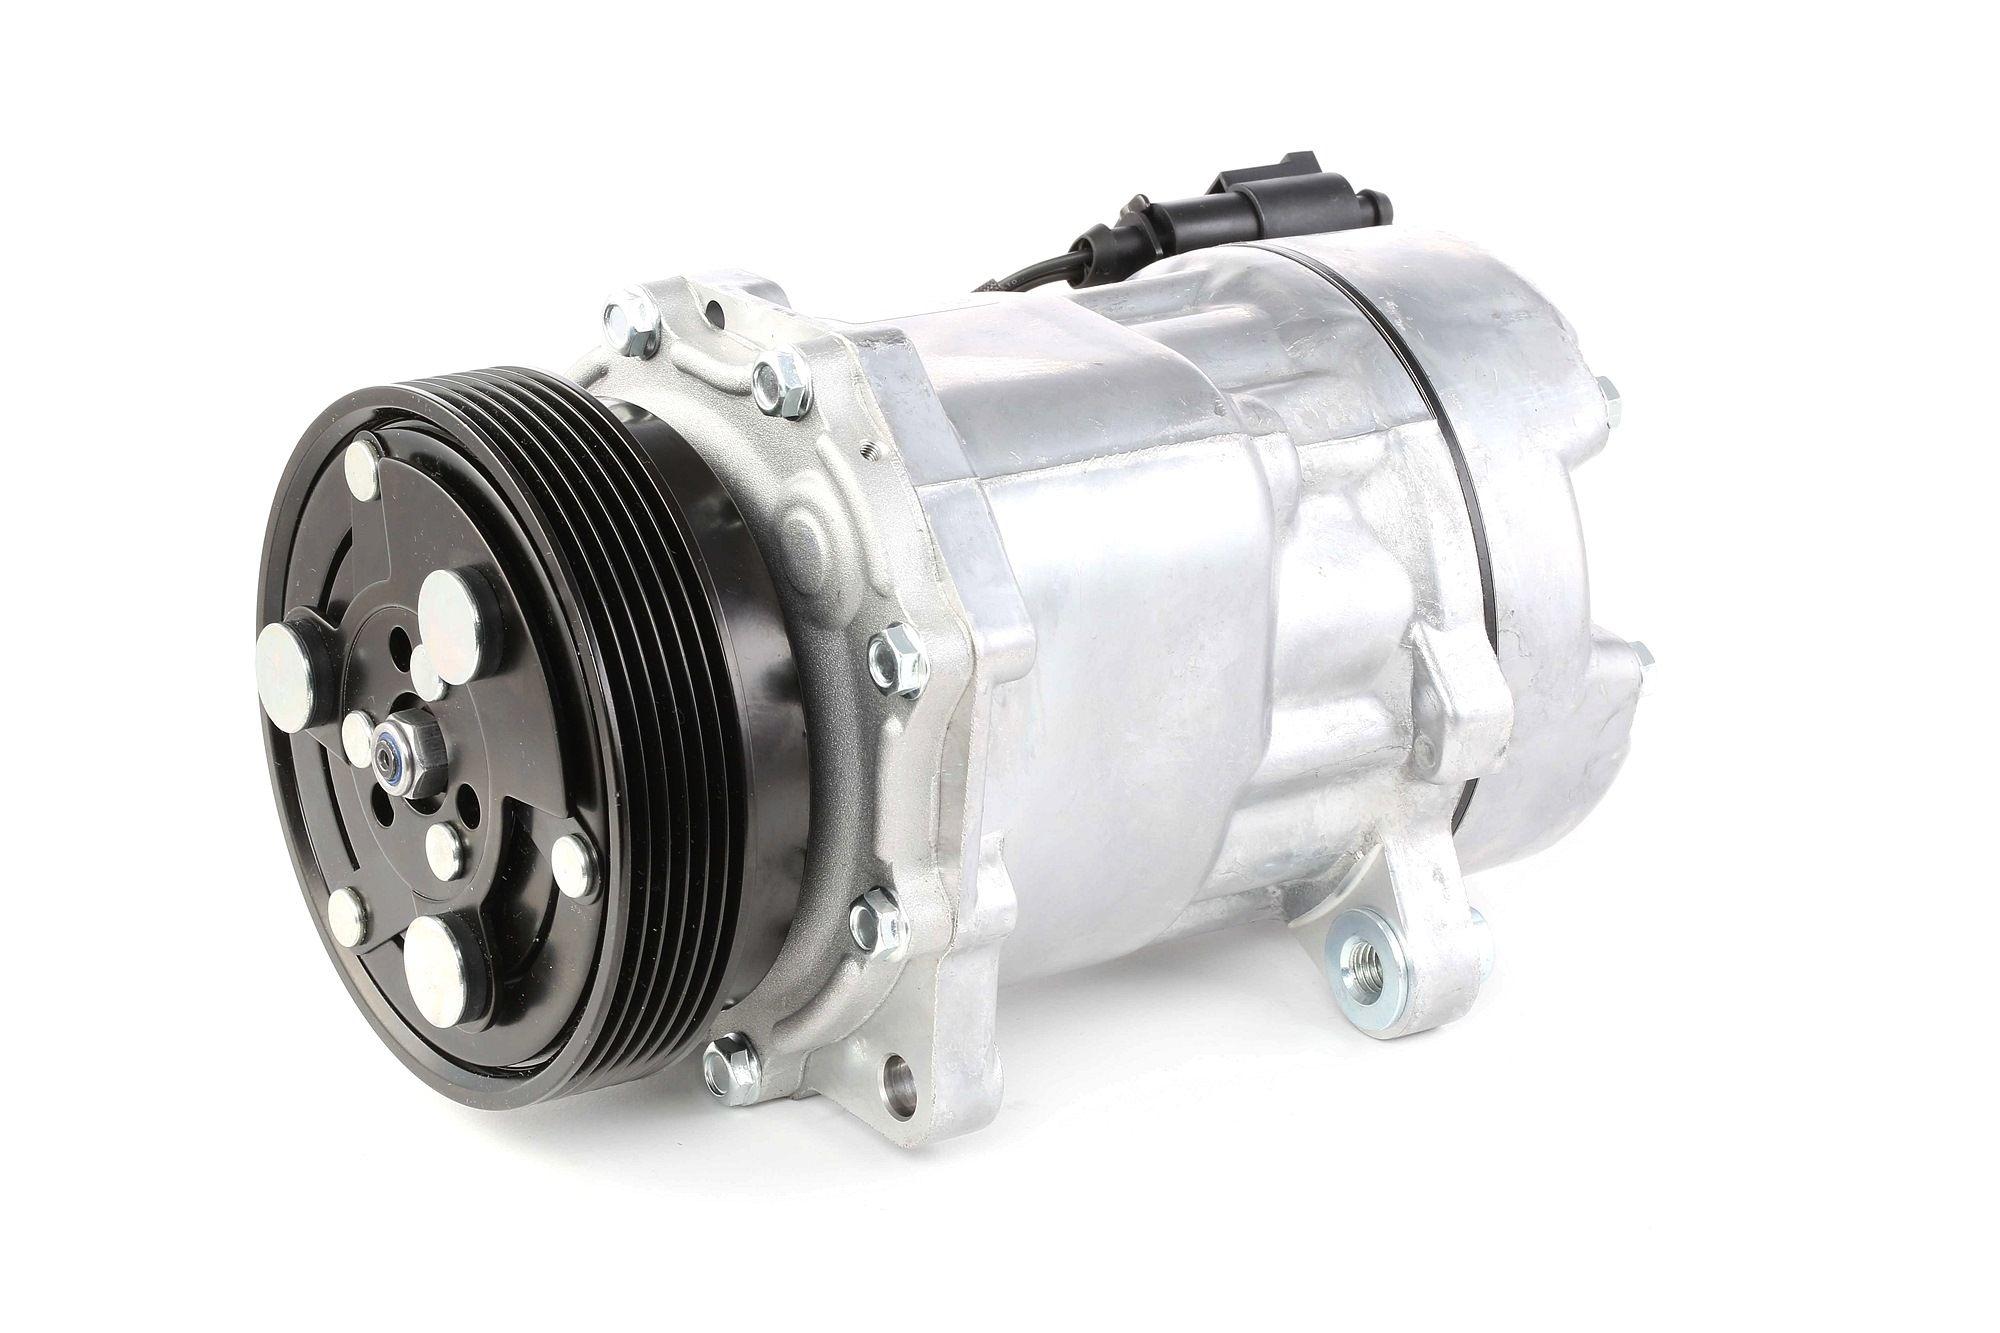 Kompressor 8FK 351 125-751 rund um die Uhr online kaufen